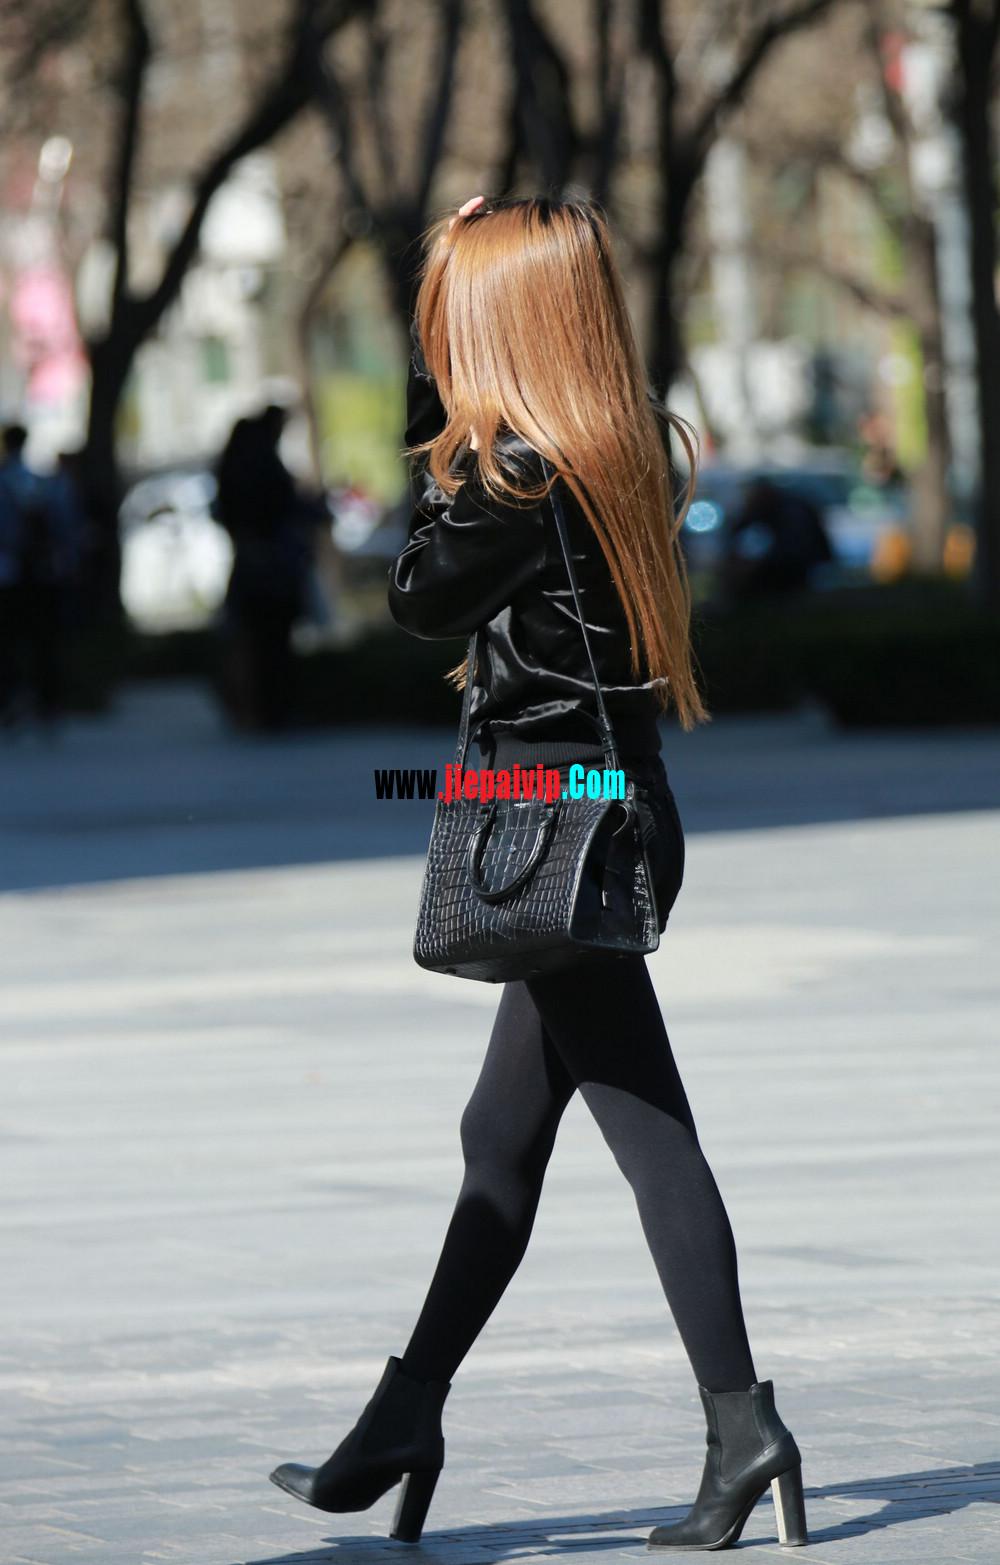 时髦的黑丝美腿美女,边上的色男人一直盯着她的丝袜美腿7